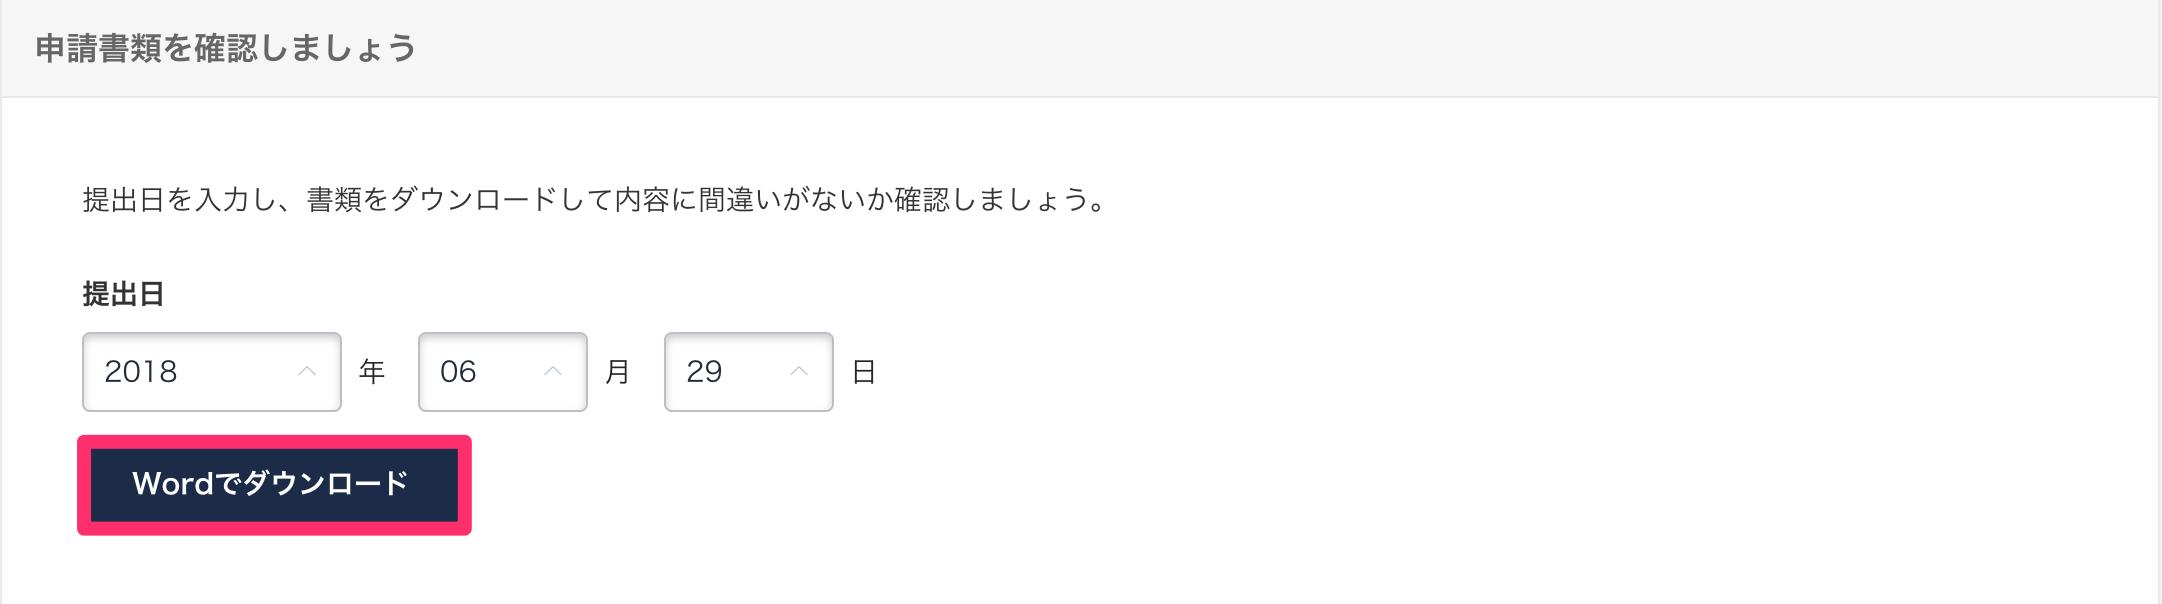 レッツ人材紹介、ワードダウンロード